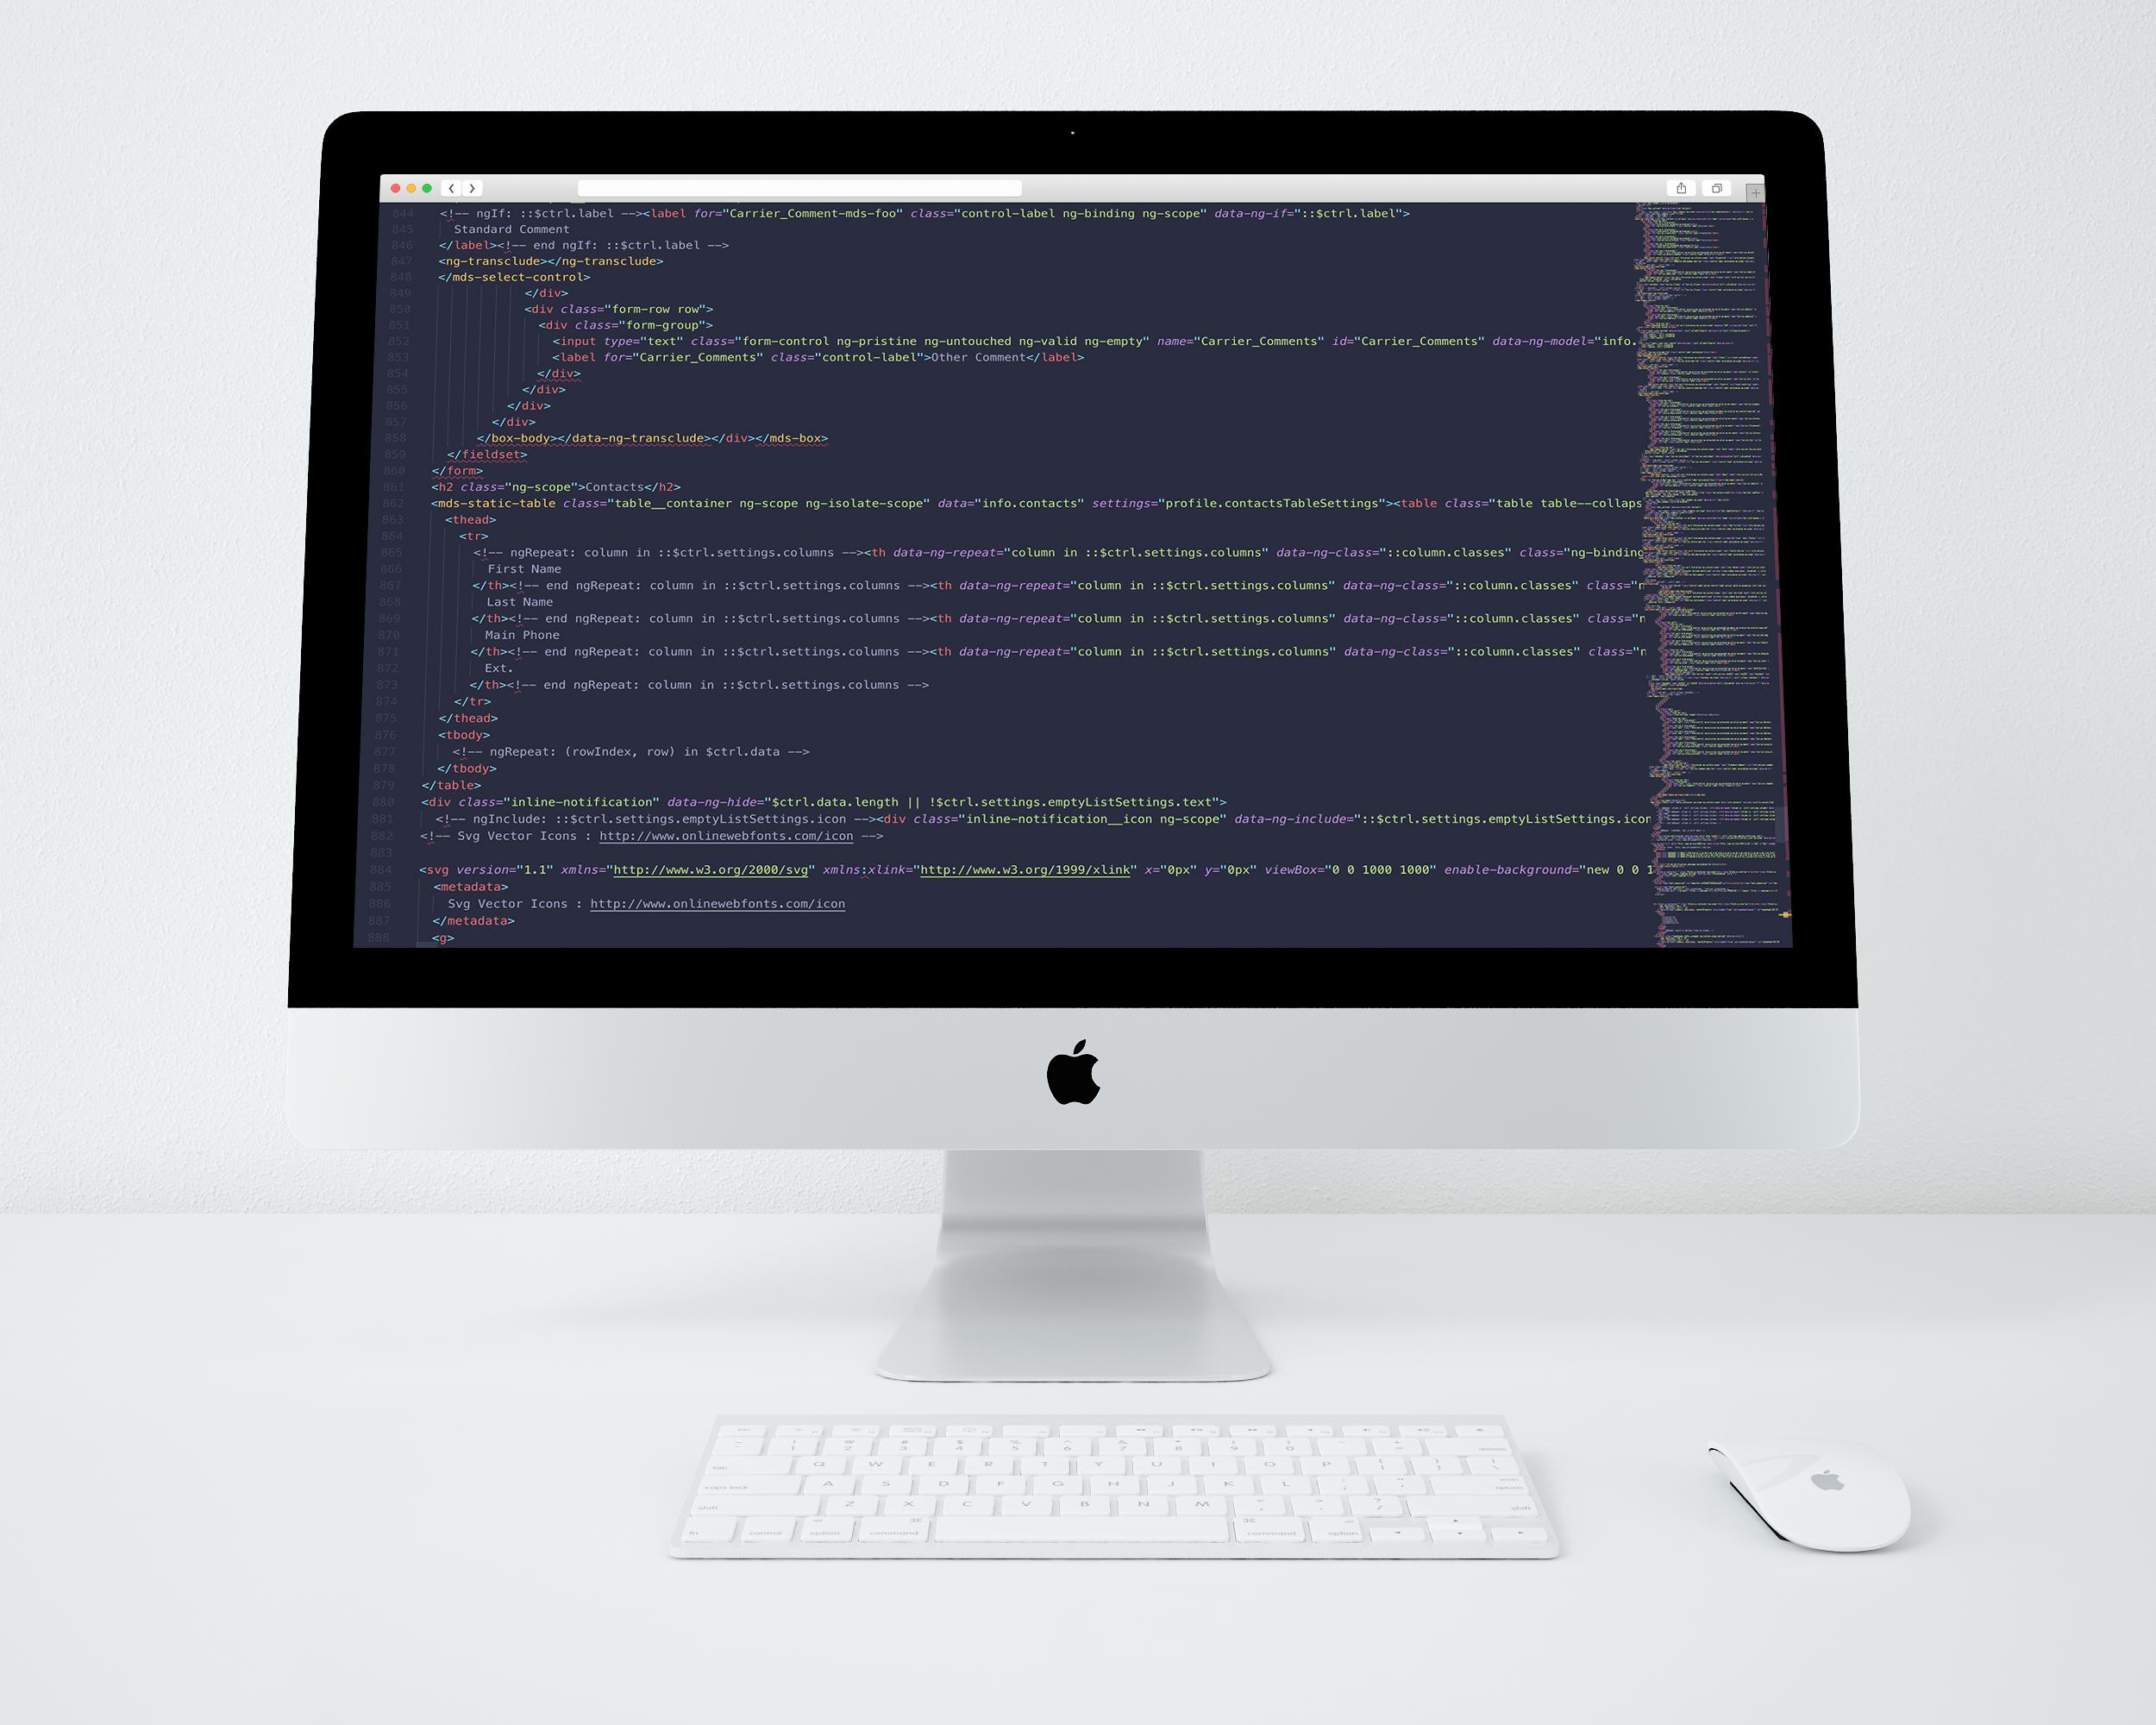 fms-code-1